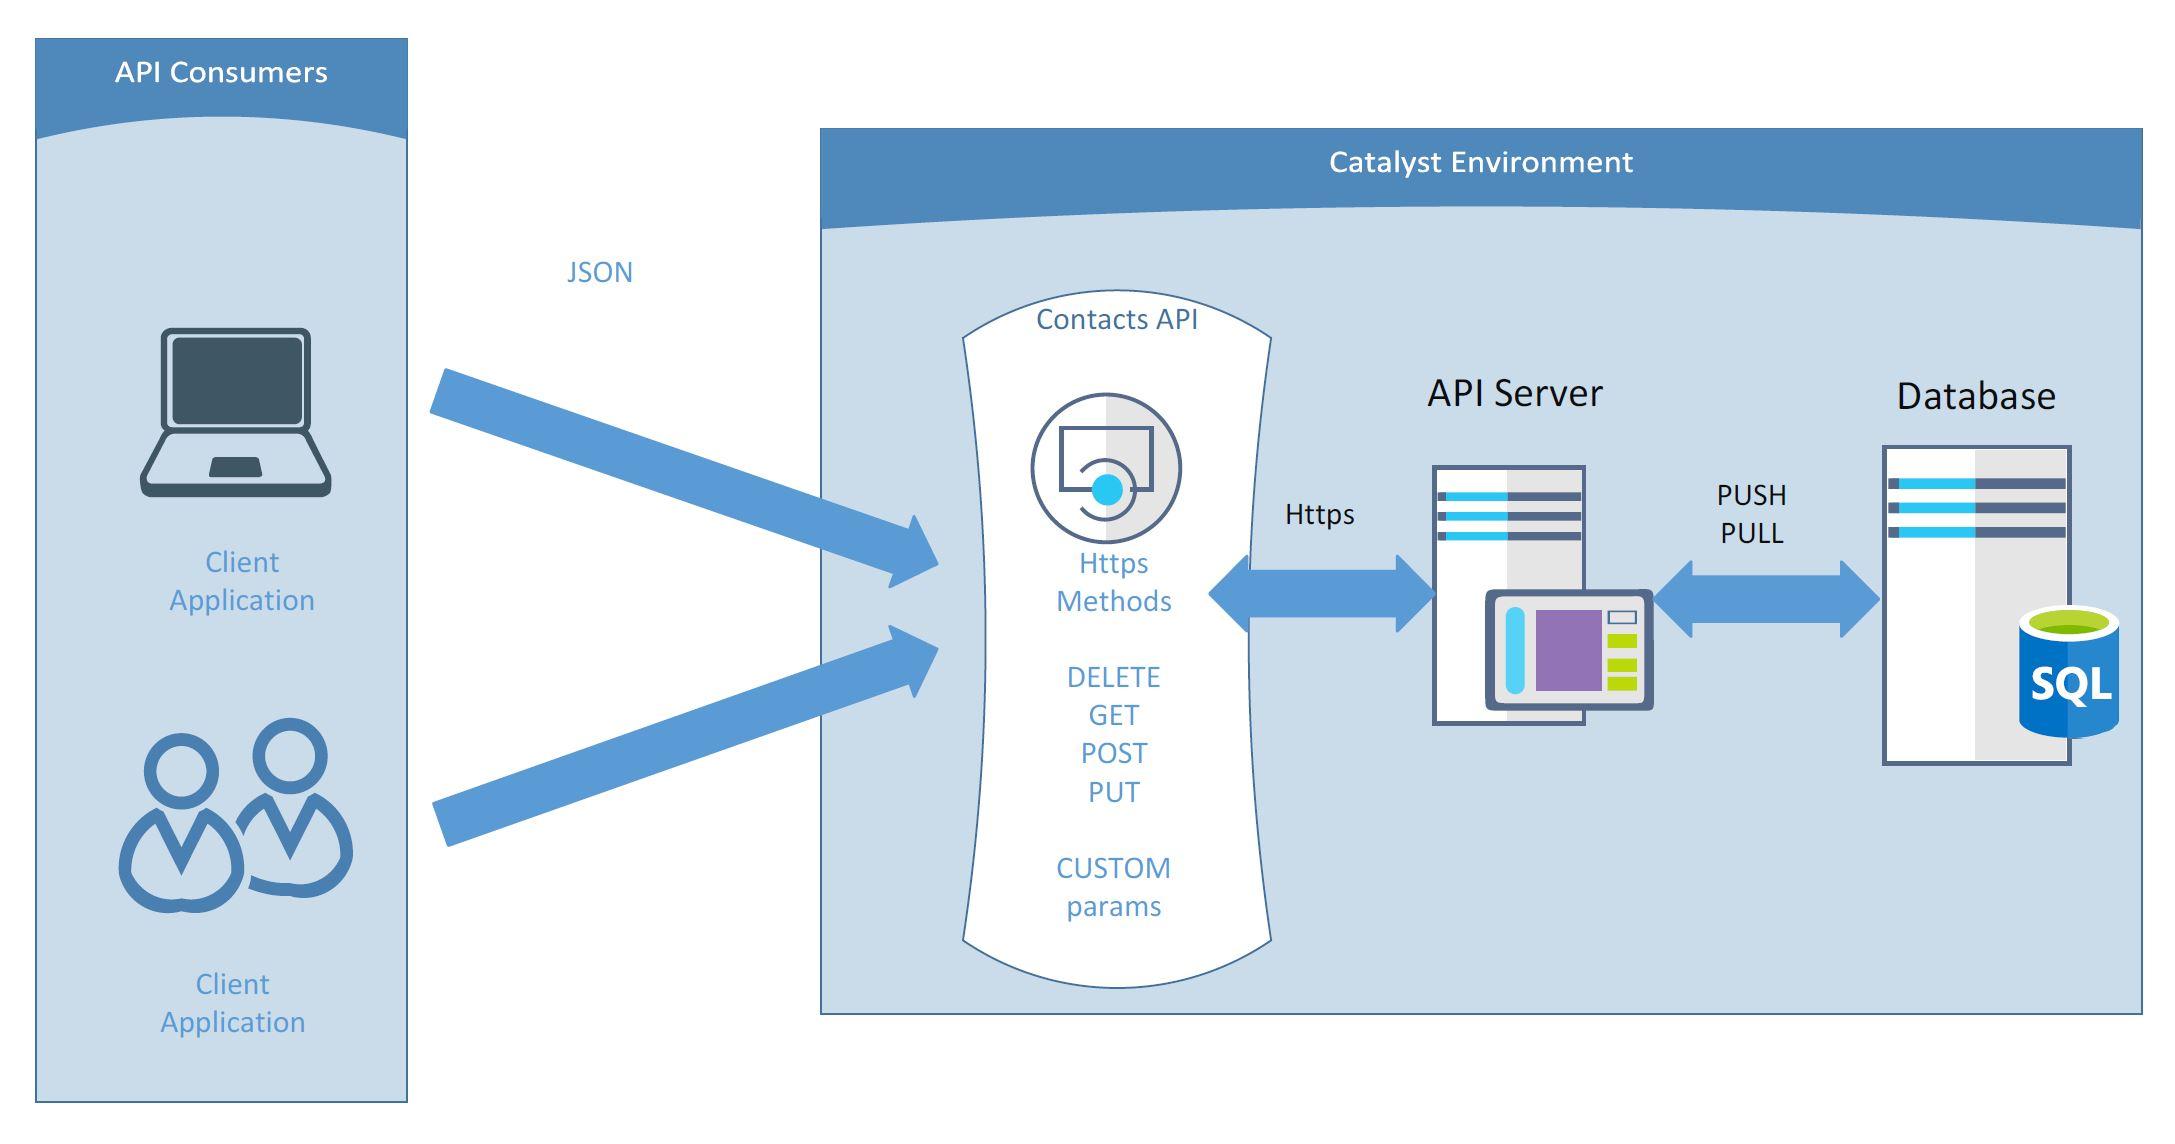 CQCommnad Contacts API Diagram